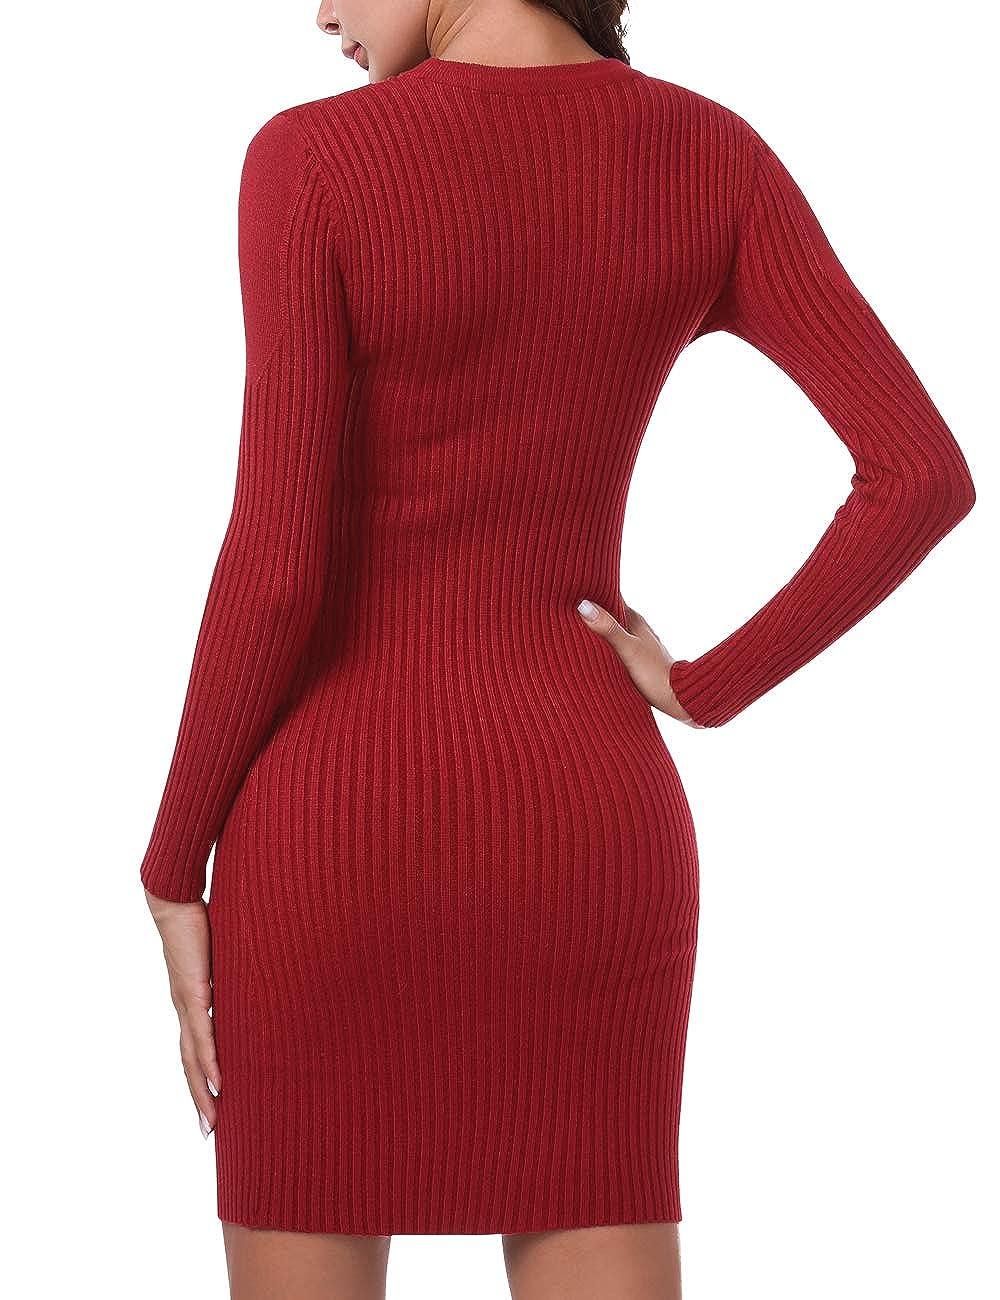 8e127a9eb3c Pullover Dress for Women